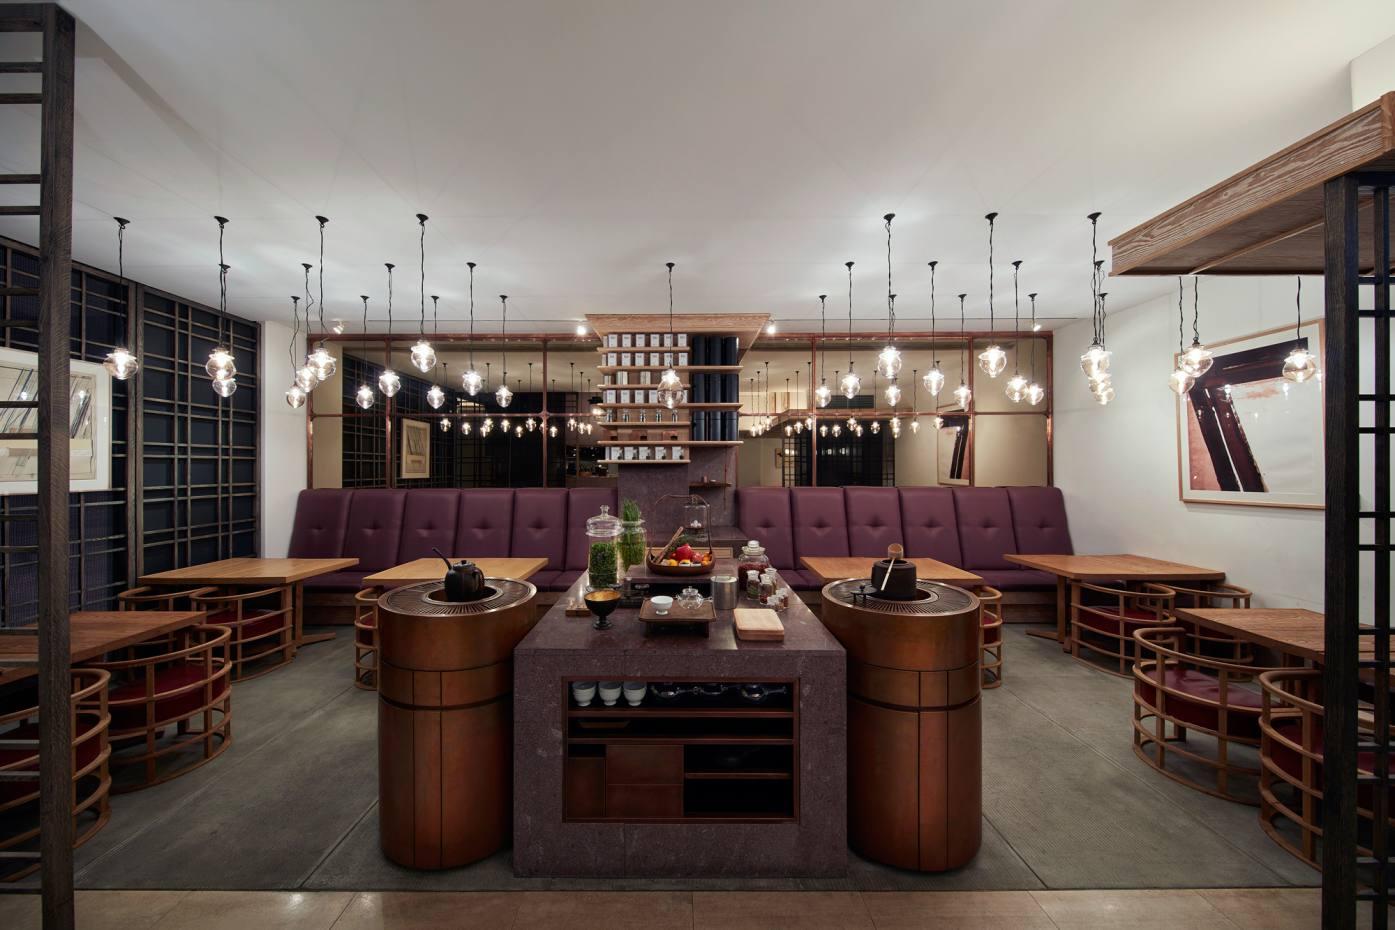 Higashiya Ginza tea salon in central Tokyo